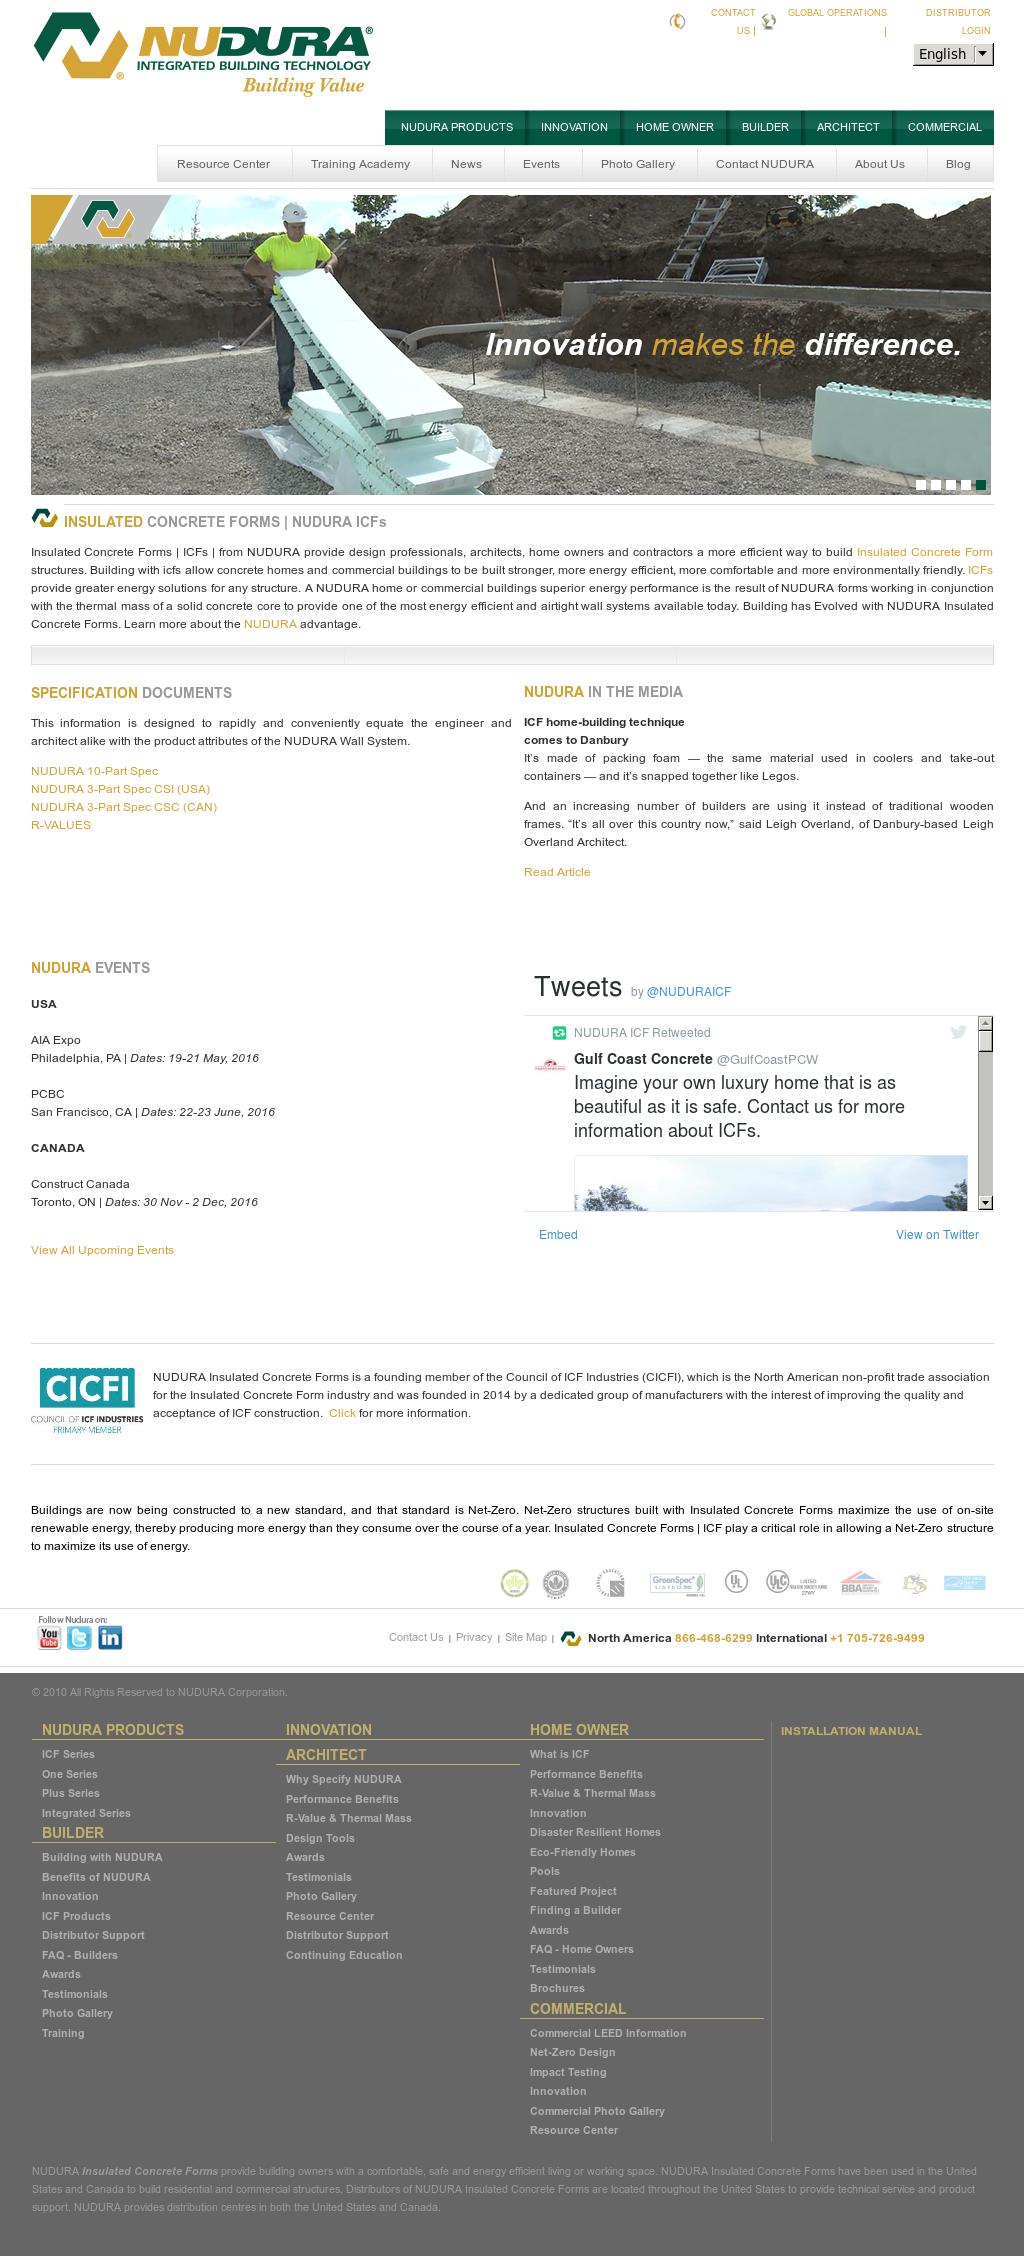 Owler Reports - Press Release: NUDURA ICF : /R E P E A T